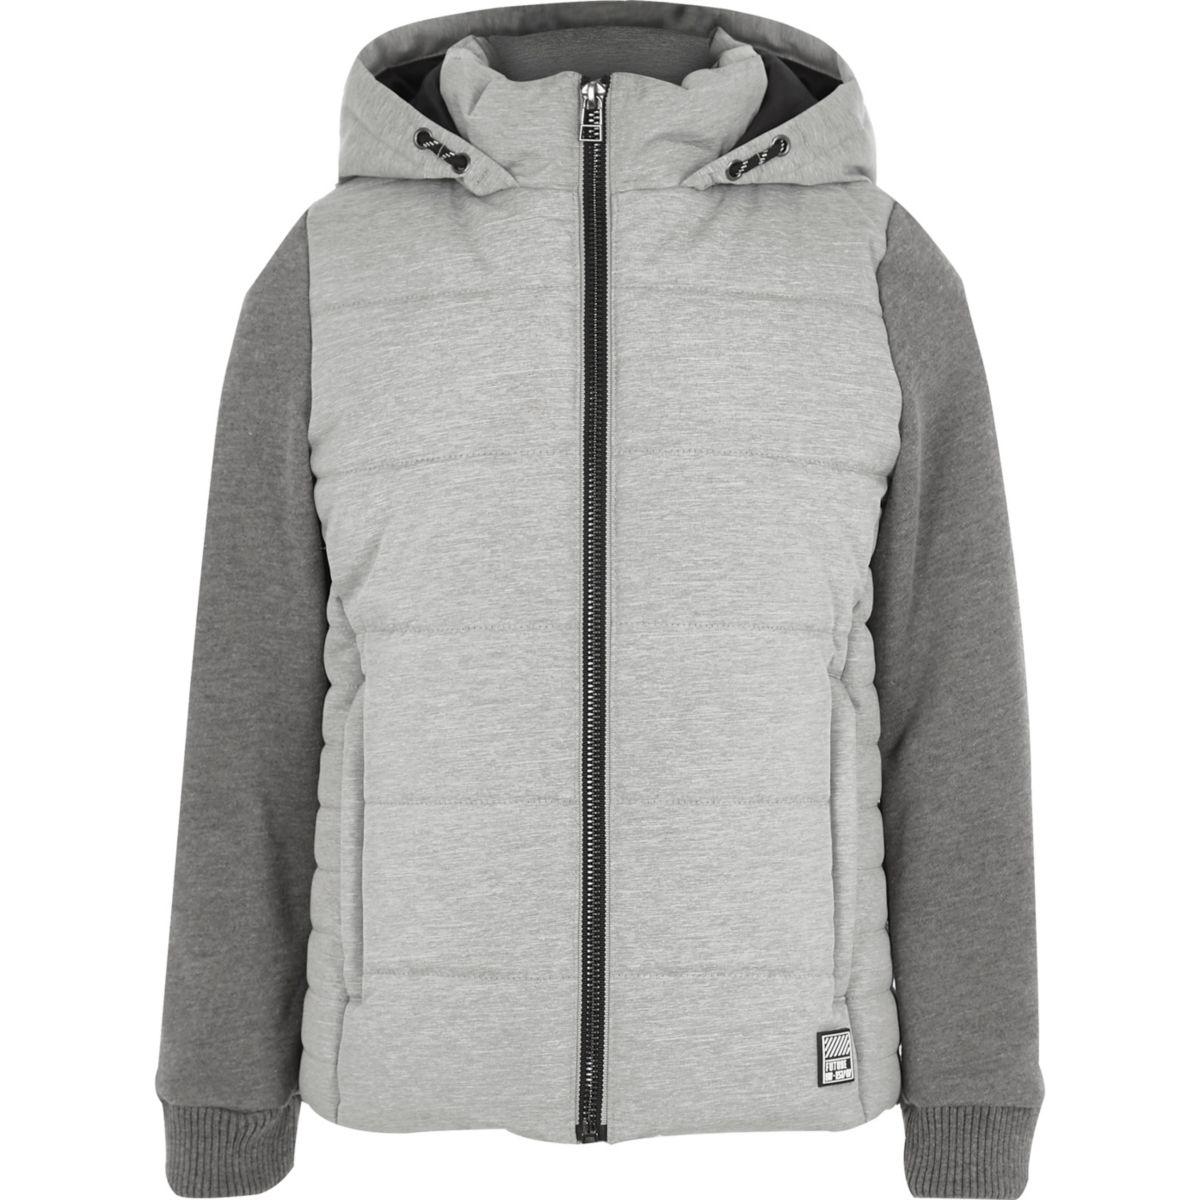 Veste à capuche grise avec manches de doudoune en jersey pour garçon